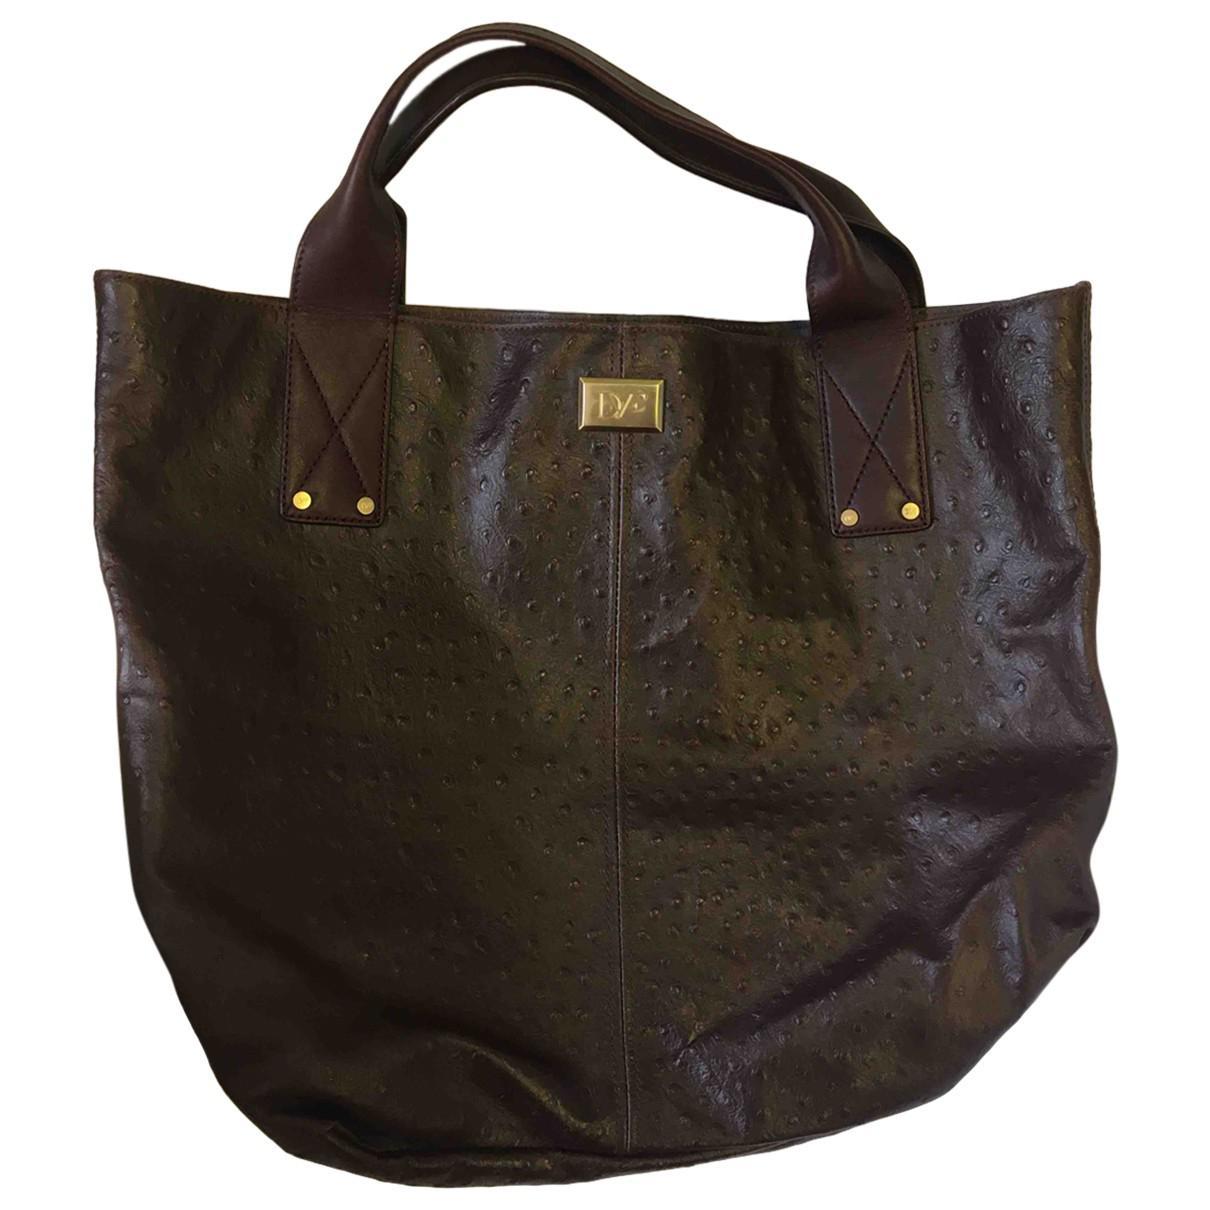 Pre-owned - Leather handbag Diane Von Fürstenberg Supply qOpeWz